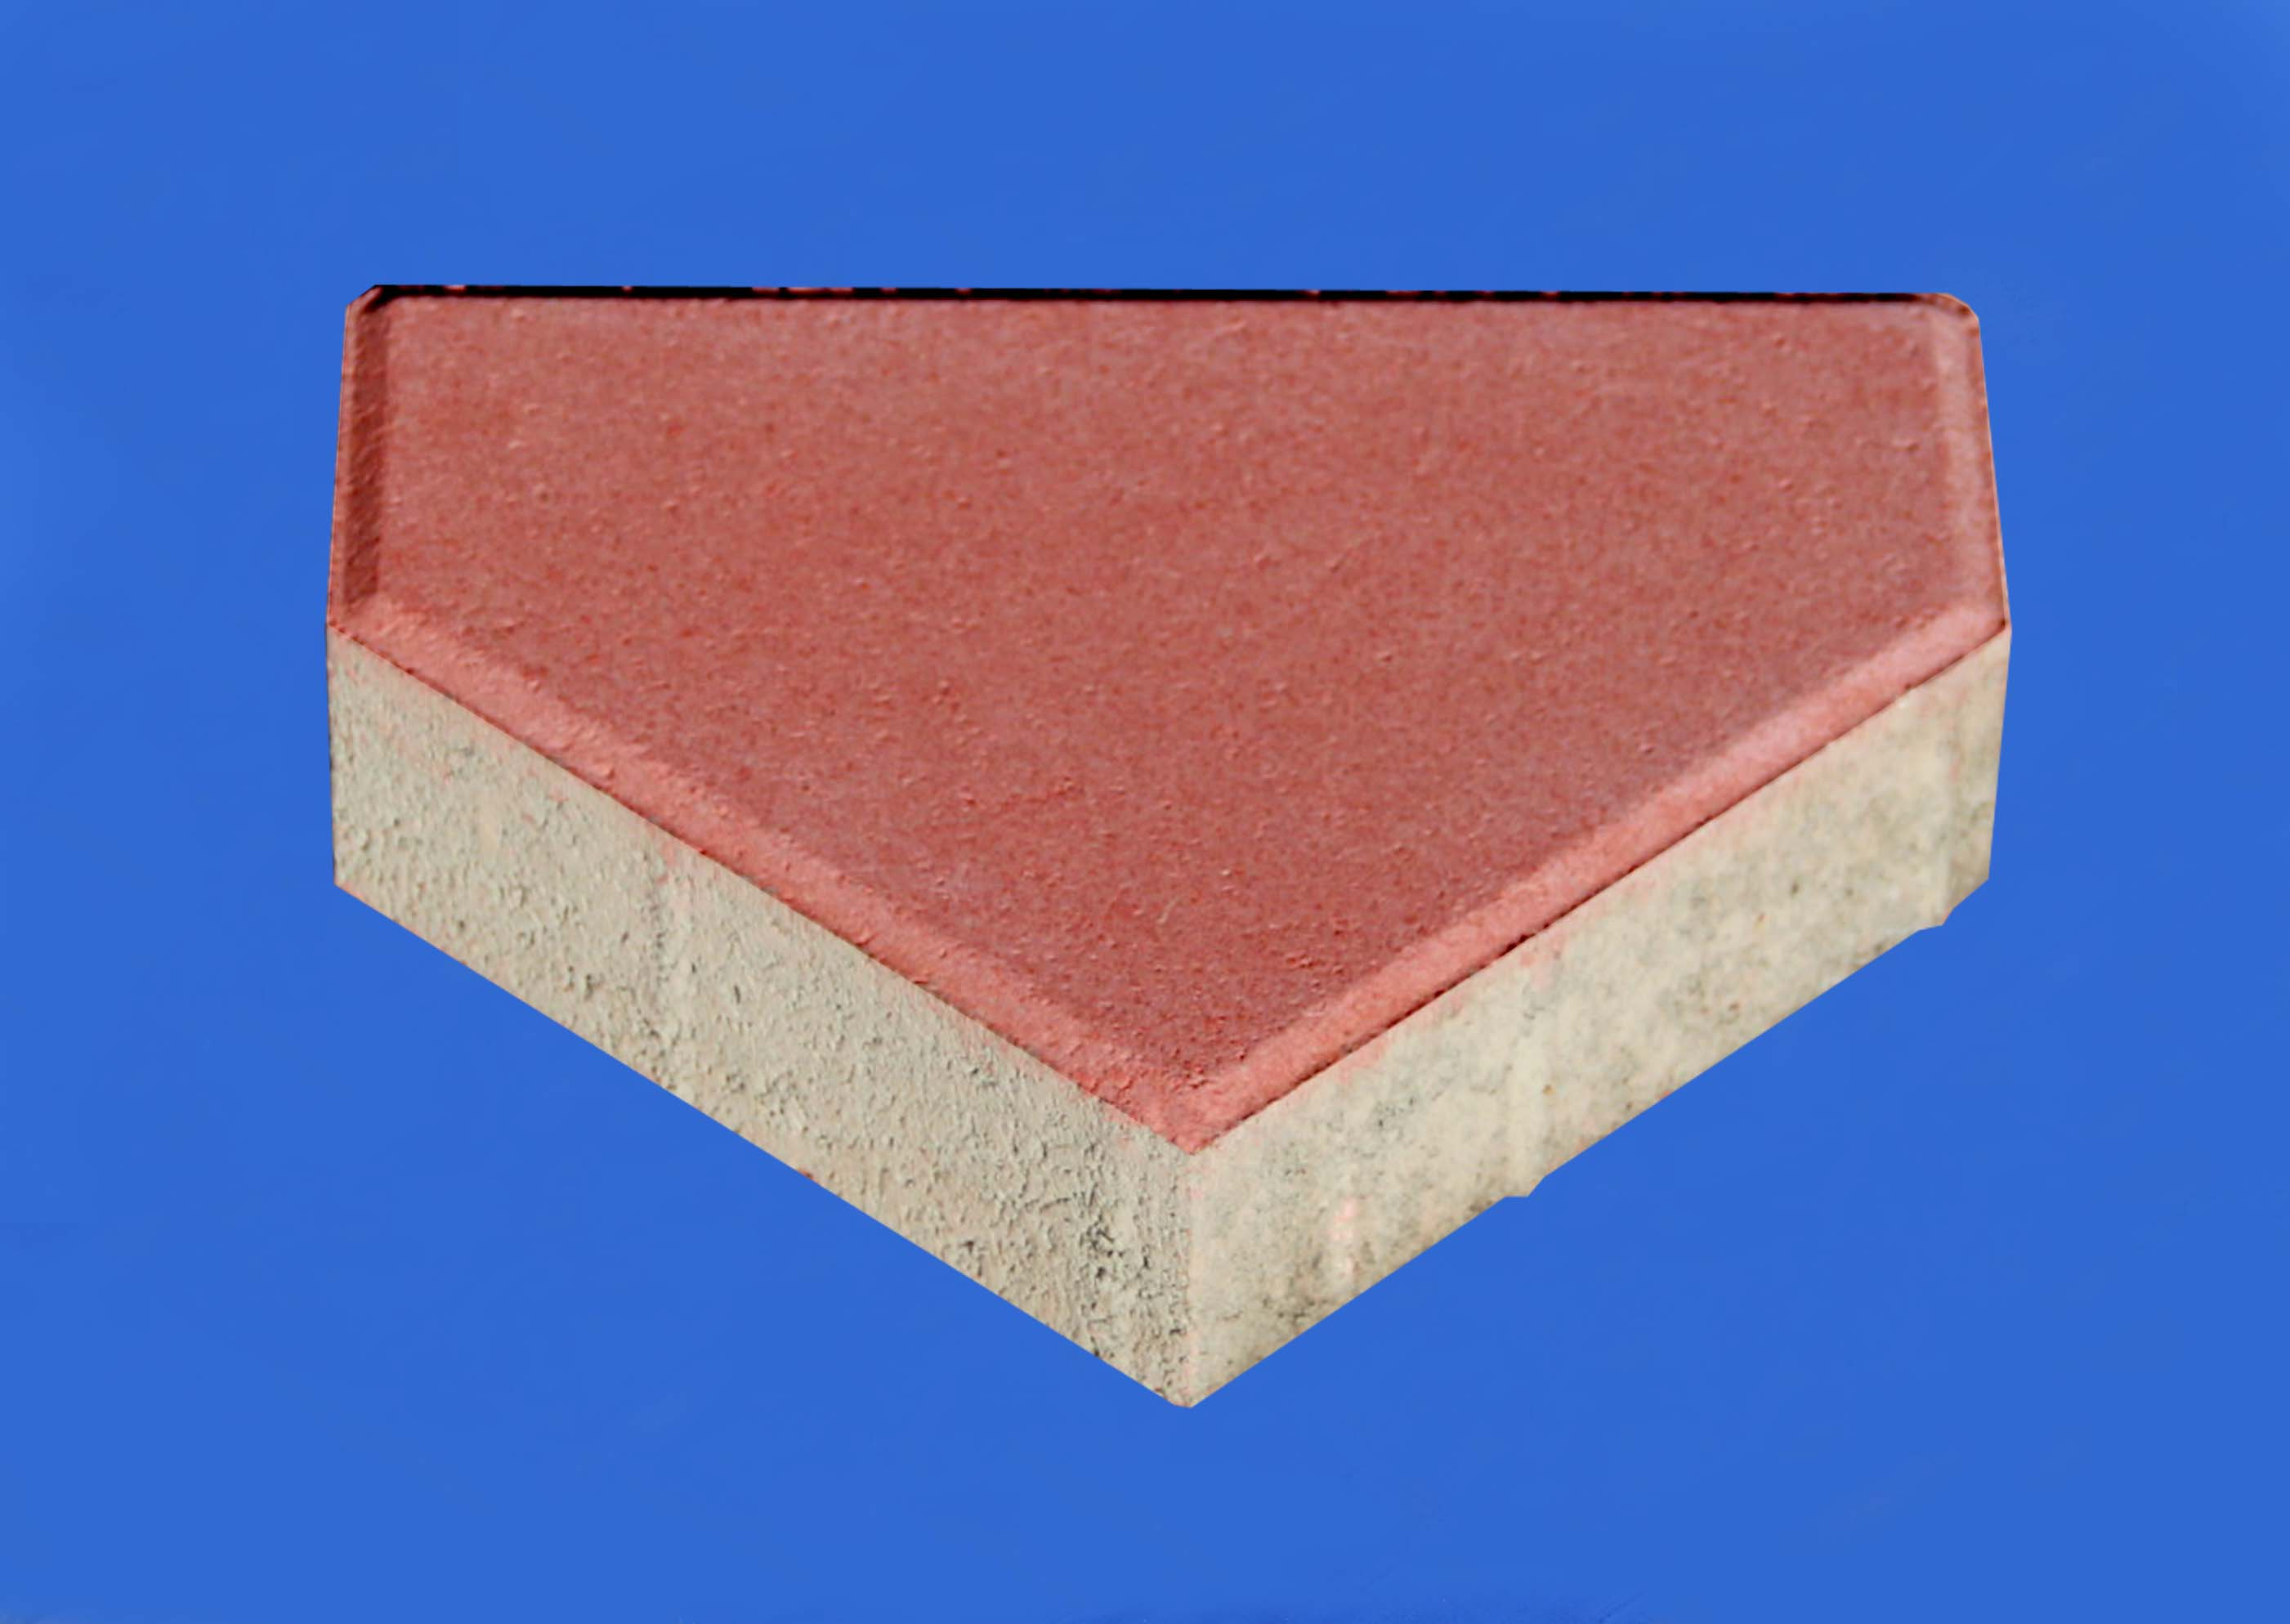 透水砖系列之红色透水箭头砖